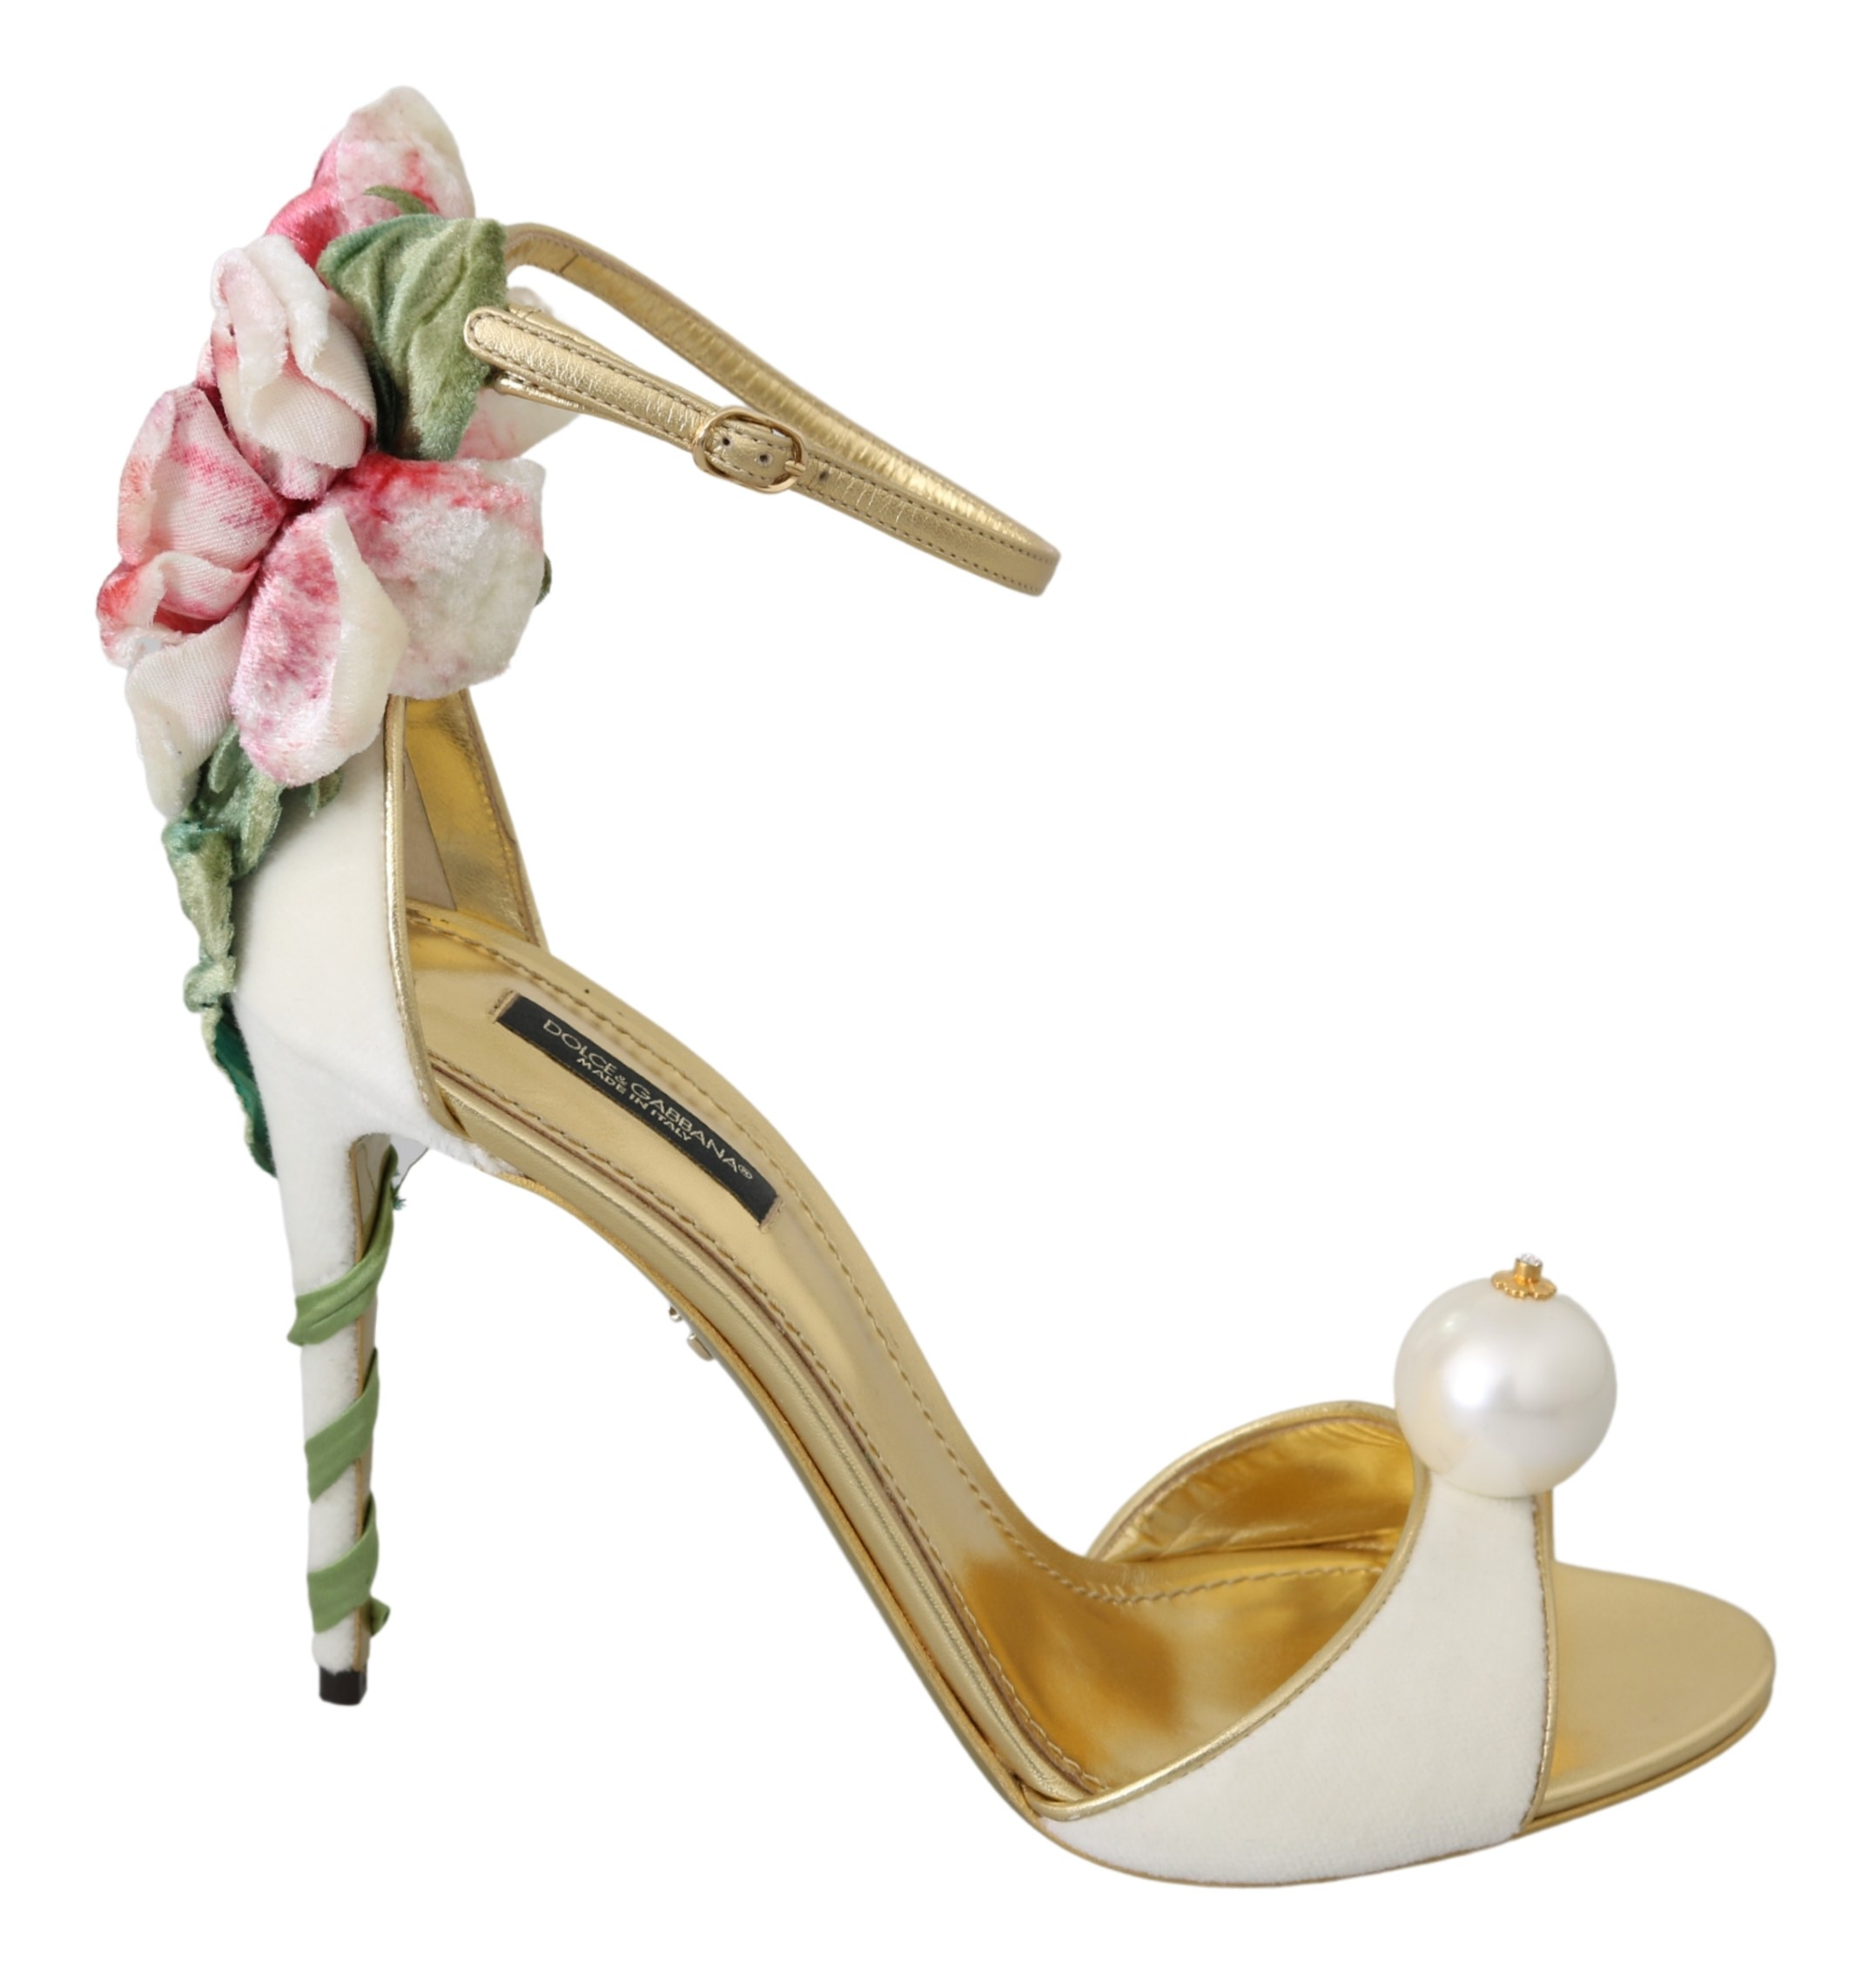 Dolce & Gabbana Women's Pearl Leather Sandal White LA7009 - EU39/US8.5